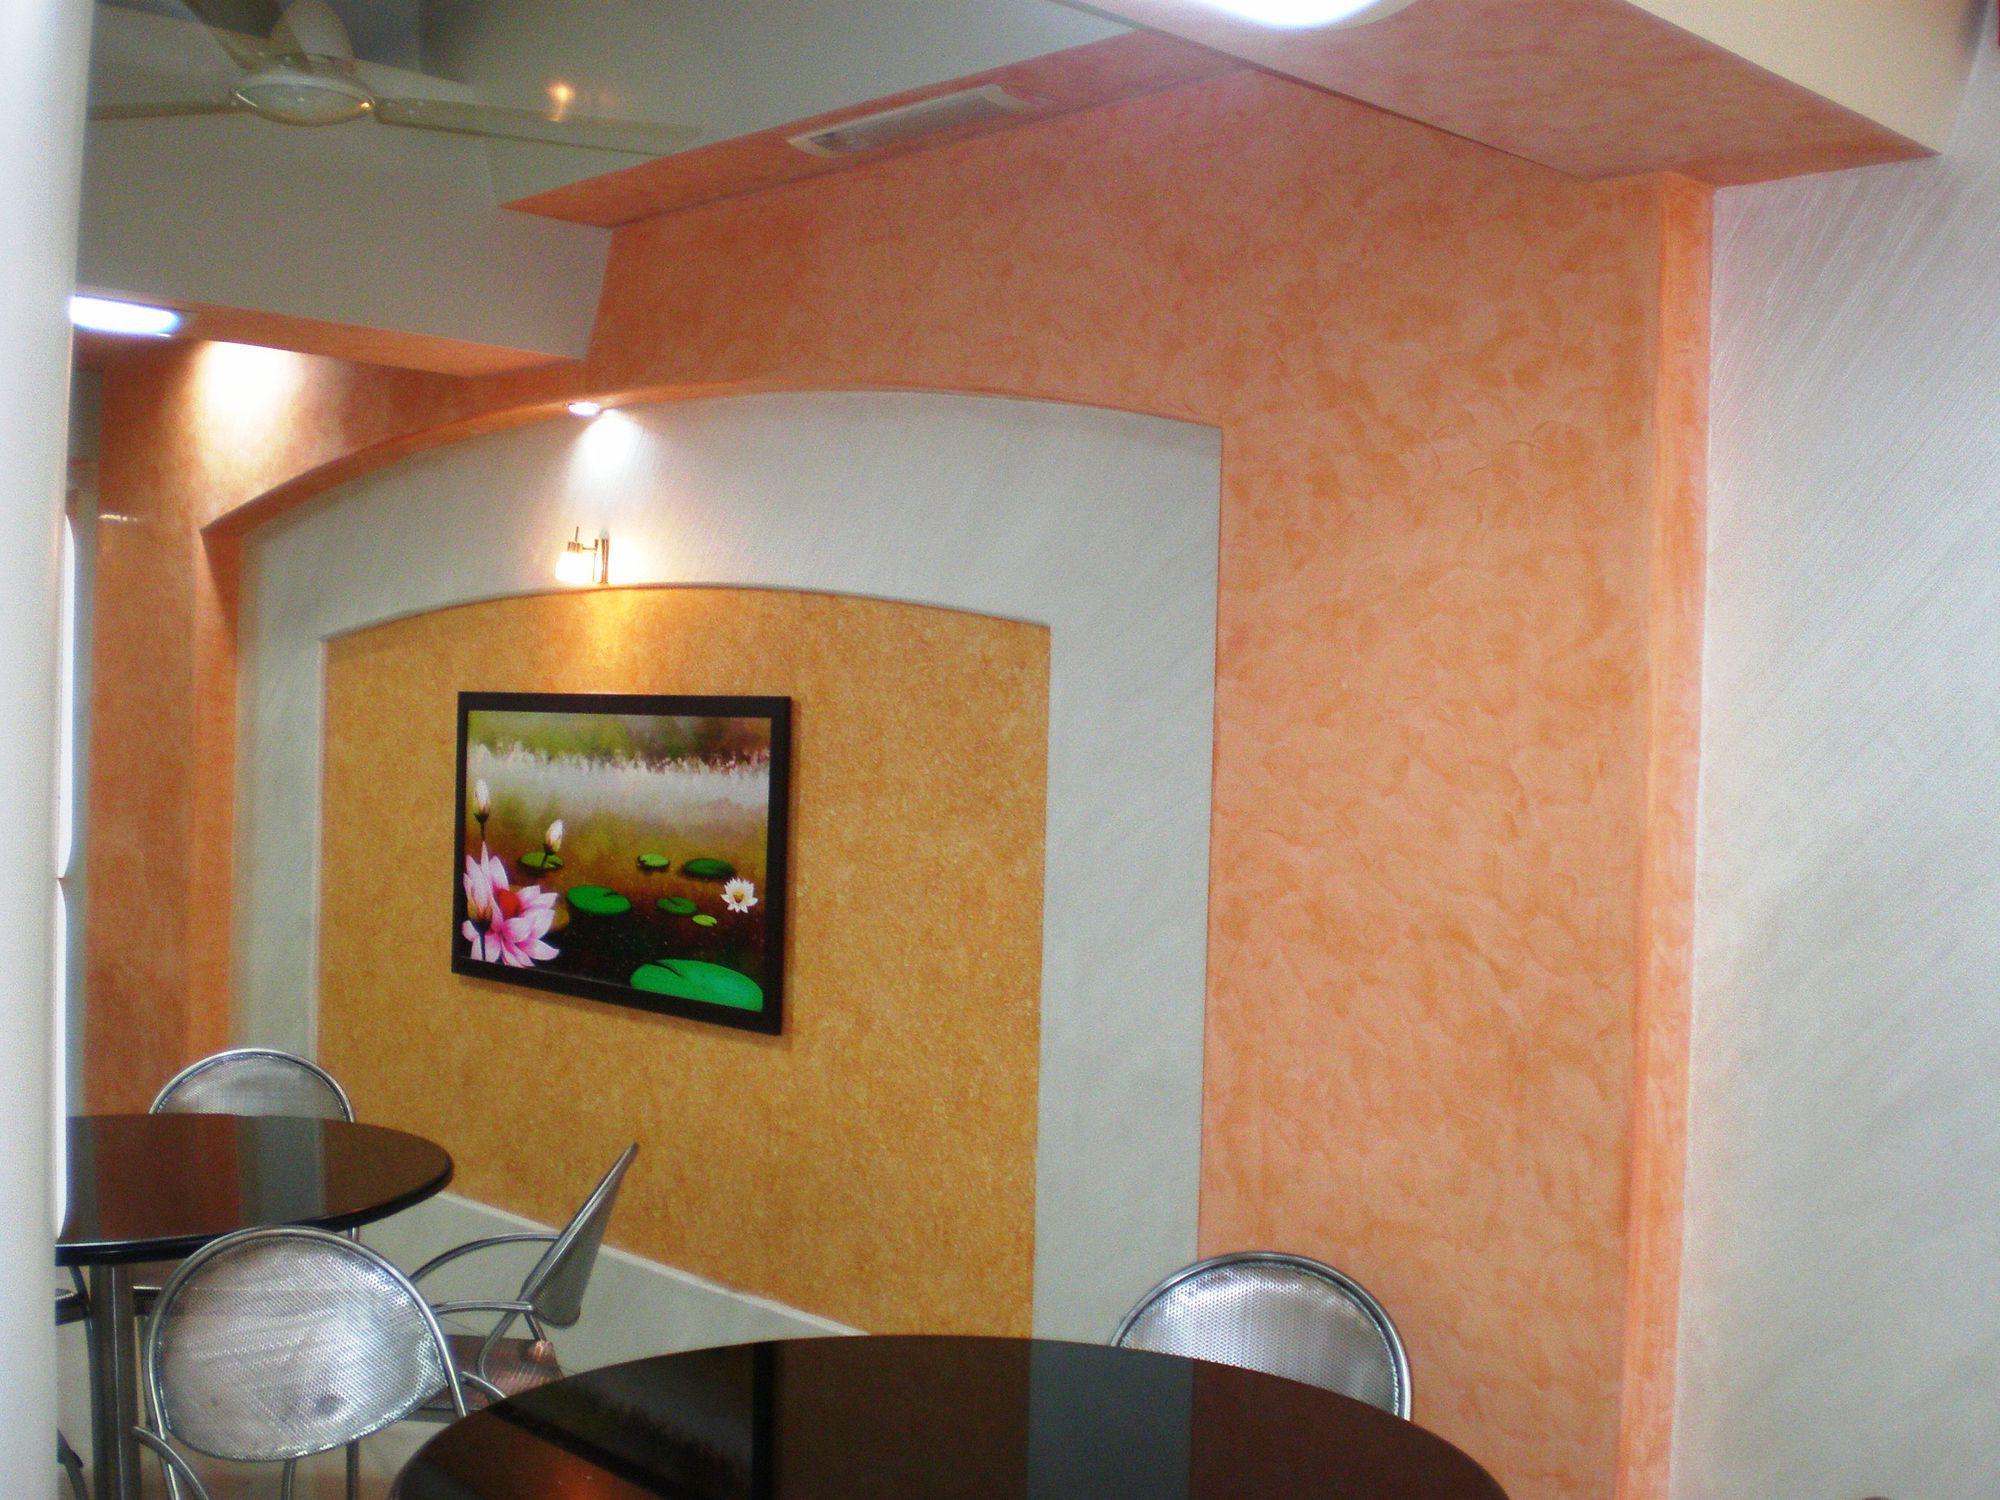 Estremamente Pittura decorativa / per muro / interno / acrilica - ARTECO' 7  MF61